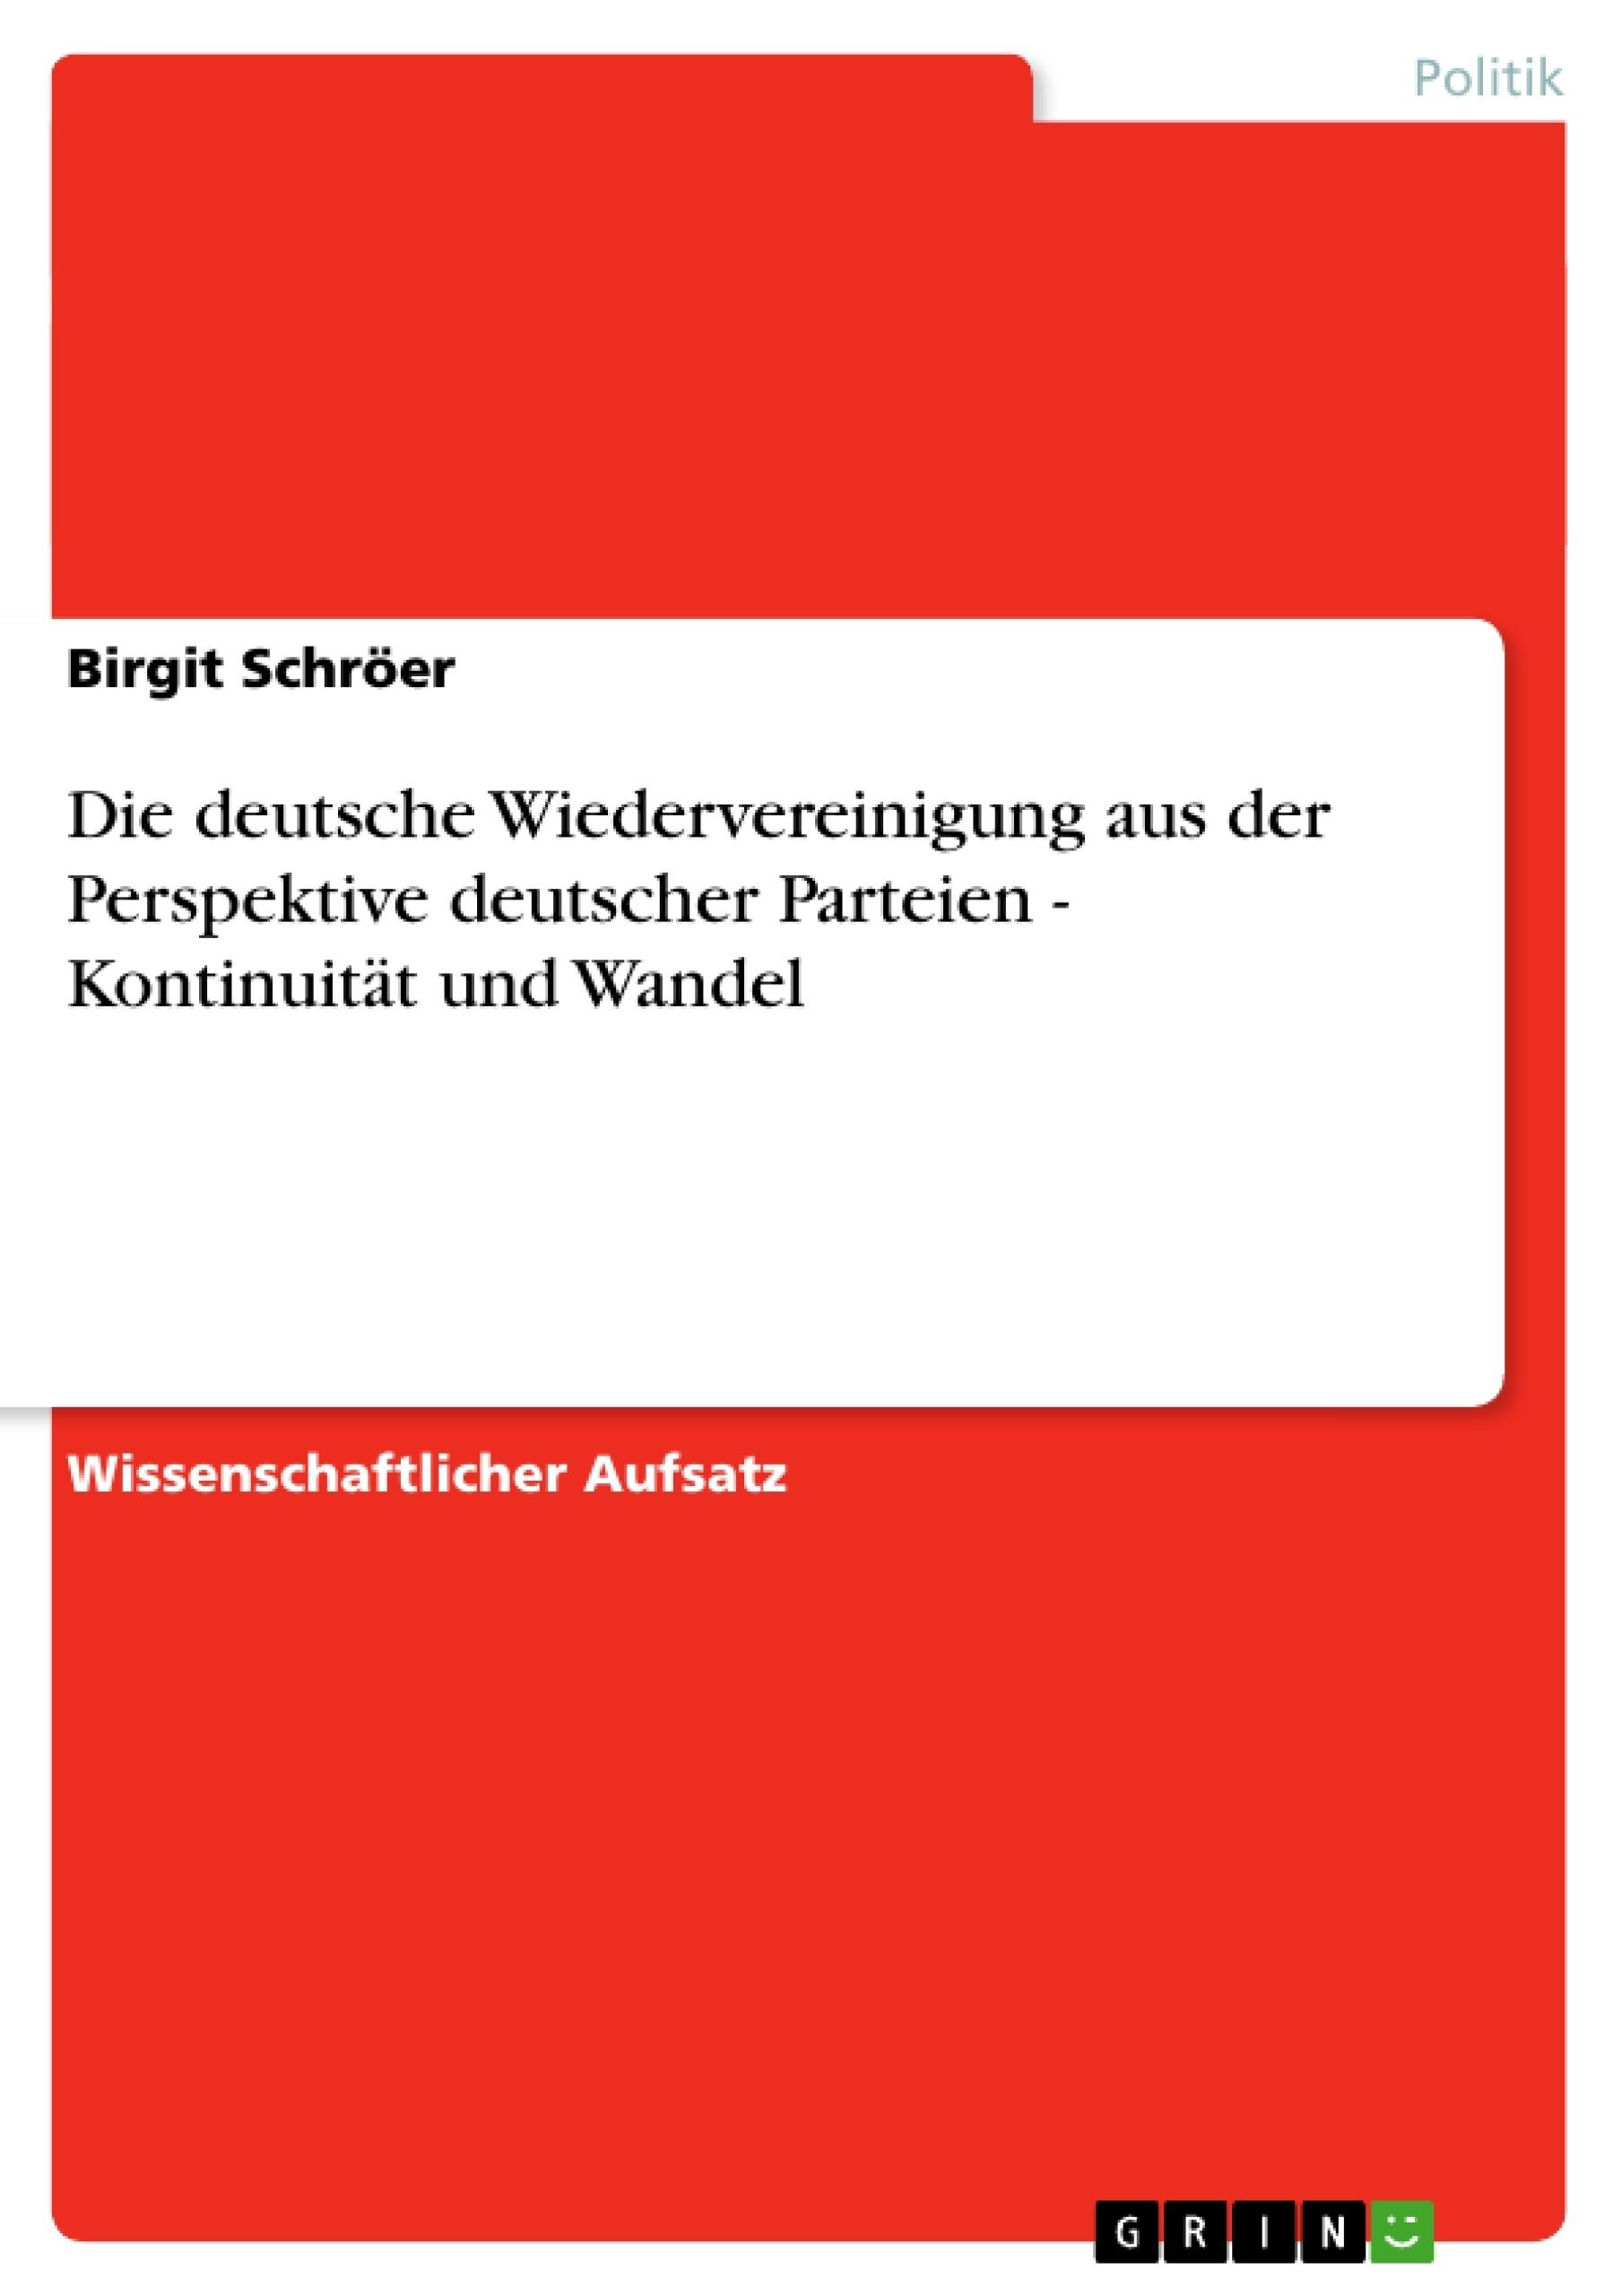 Titel: Die deutsche Wiedervereinigung aus der Perspektive deutscher Parteien - Kontinuität und Wandel